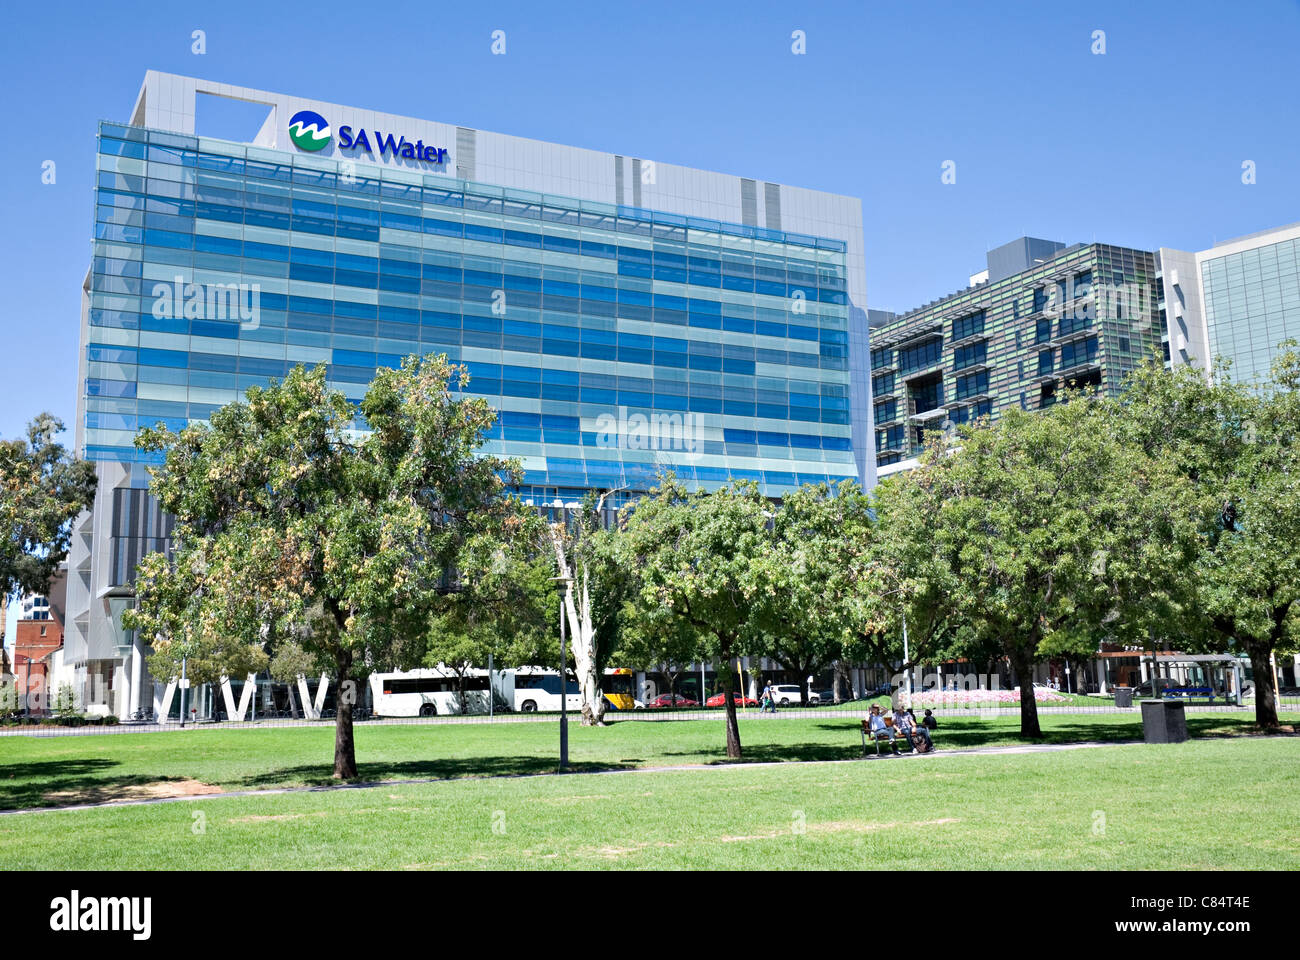 Ufficio Moderno Sa : La south australian acqua società ufficio moderno edificio off